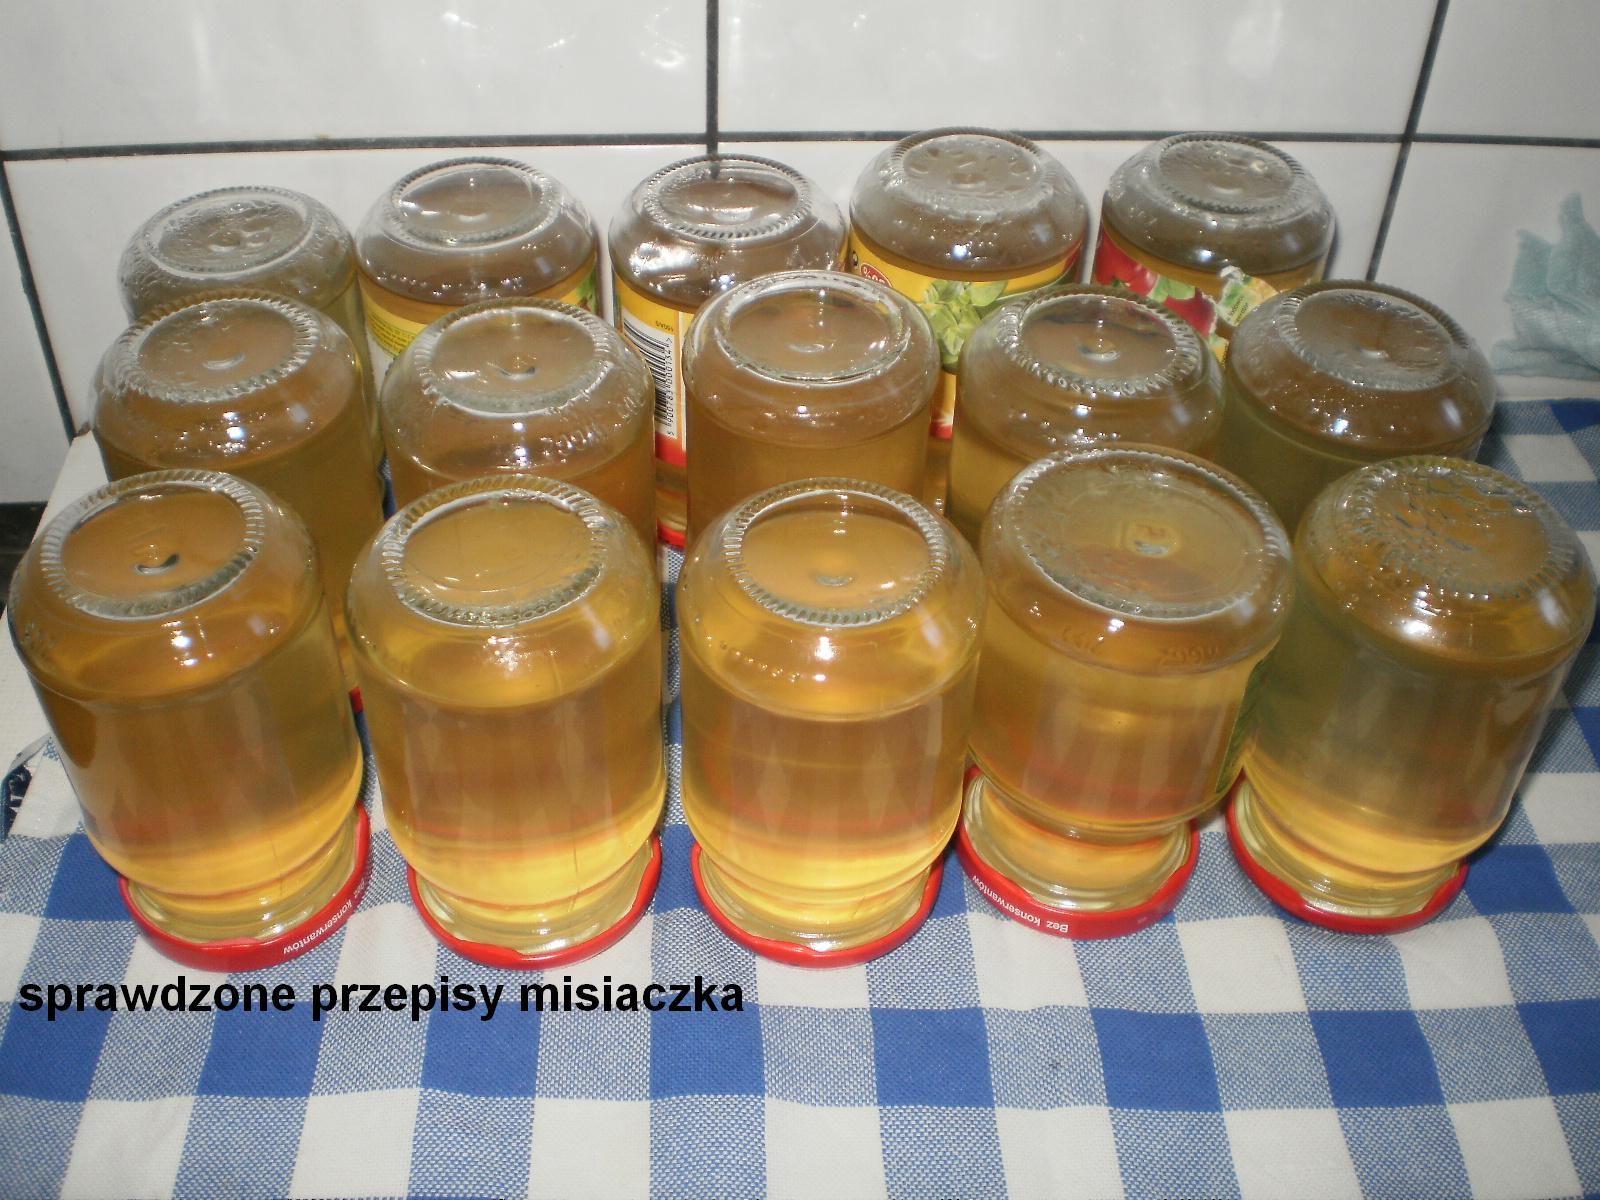 Sprawdzone Przepisy Misiaczka Syrop Z Kwiatow Czarnego Bzu Punch Bowls Bowl Food